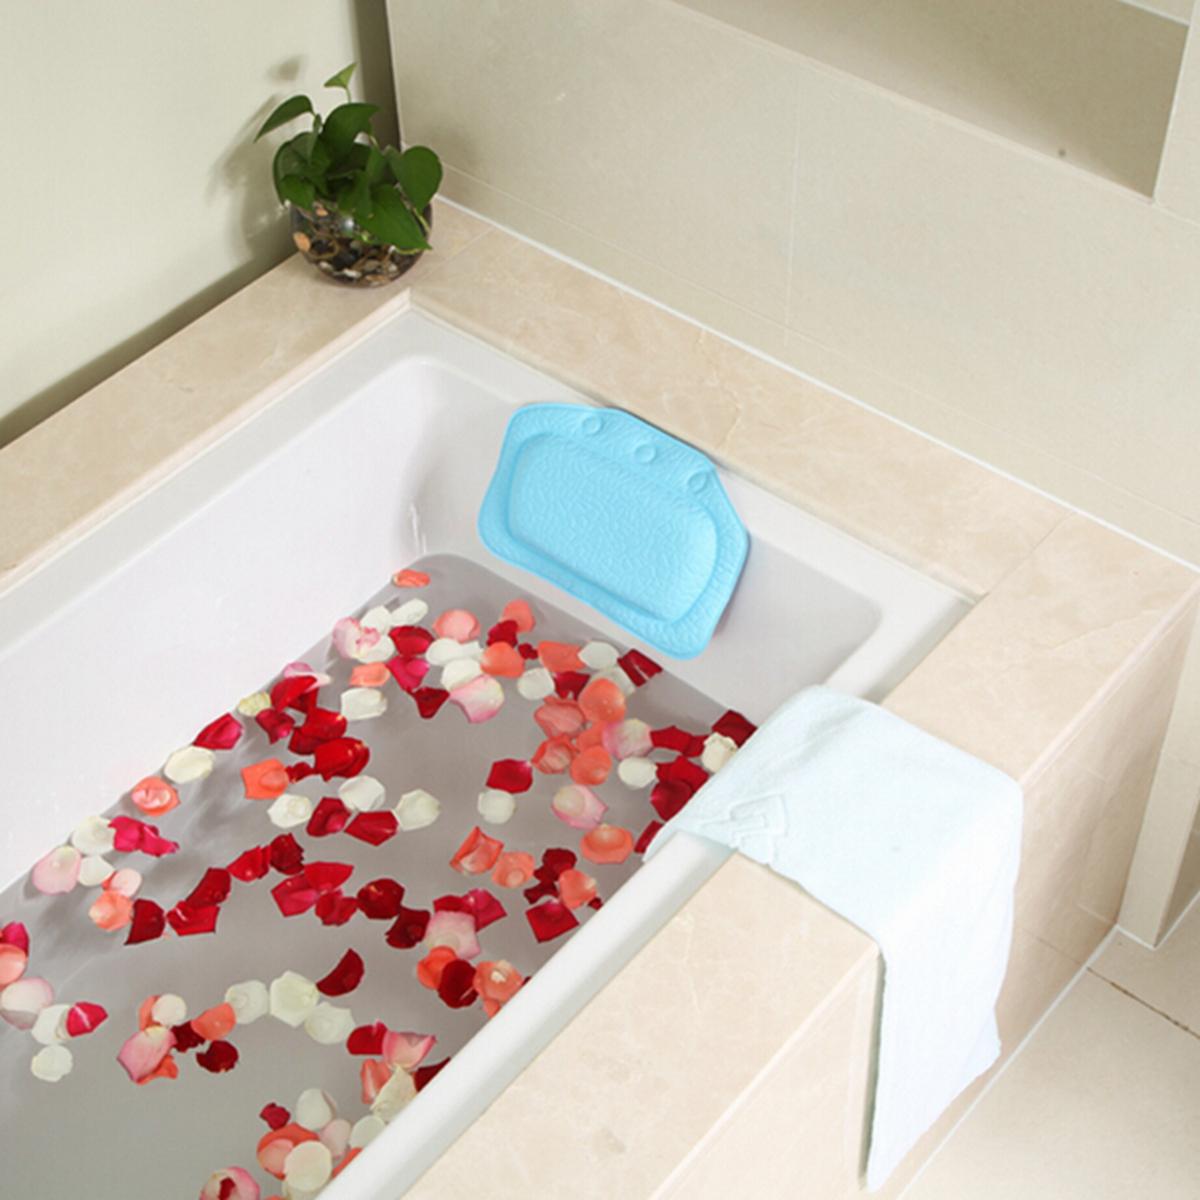 kopfkissen badewanne schlafzimmer set preisvergleich deko pinterest ikea ideen otto versand. Black Bedroom Furniture Sets. Home Design Ideas